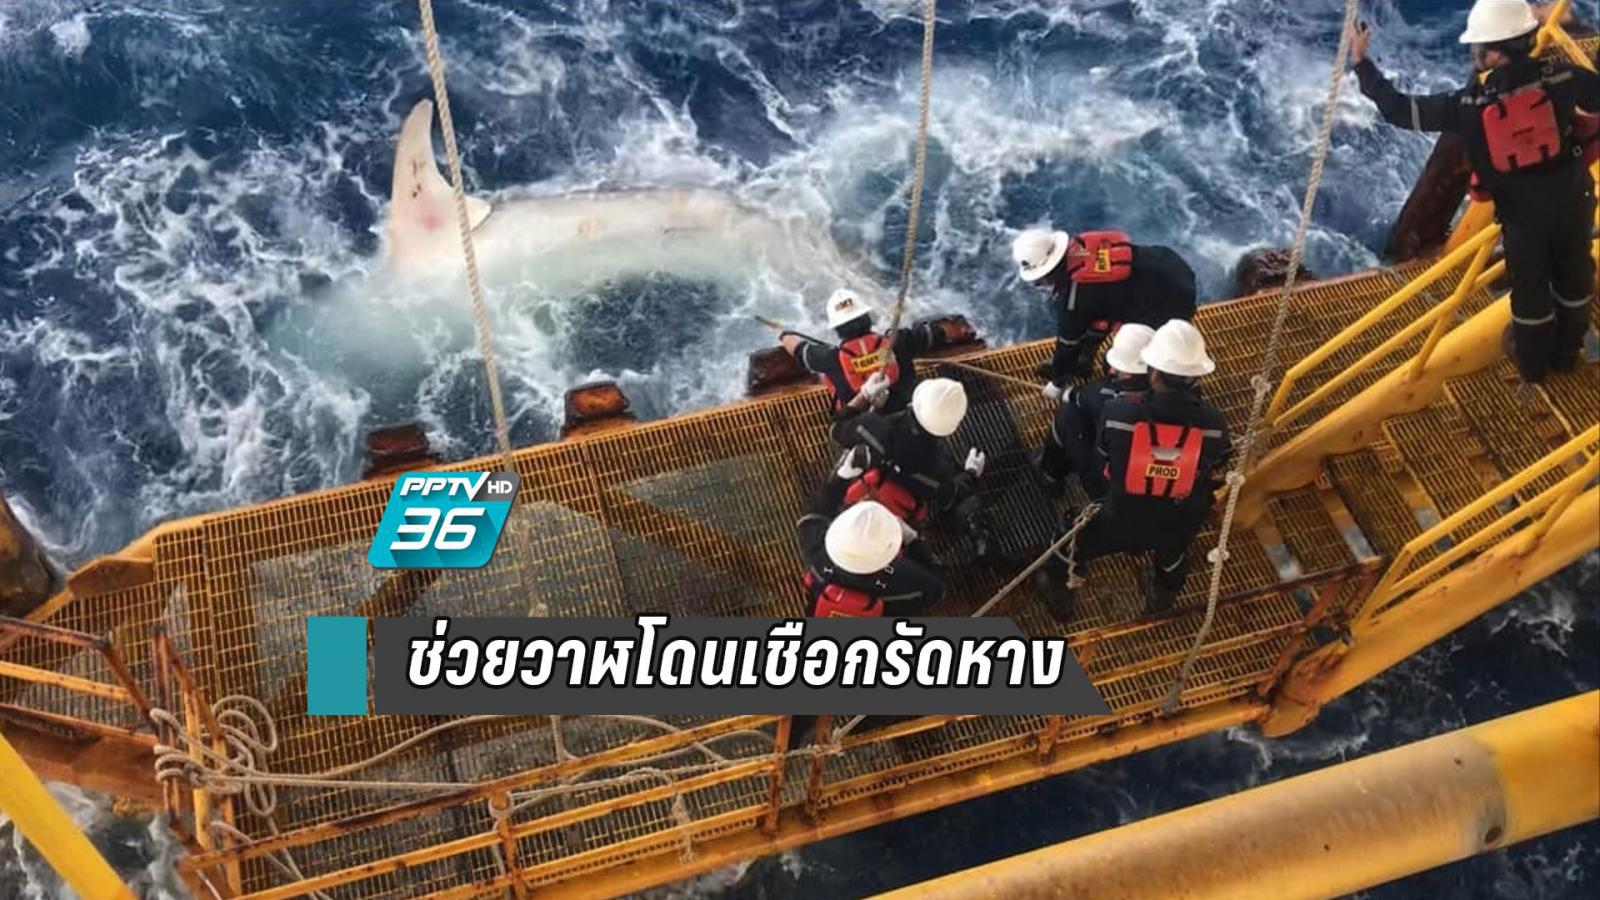 """ชื่นชม! พนักงานแท่นเจาะ ช่วย""""ฉลามวาฬตัวใหญ่"""" โดนเชือกรัดหาง"""